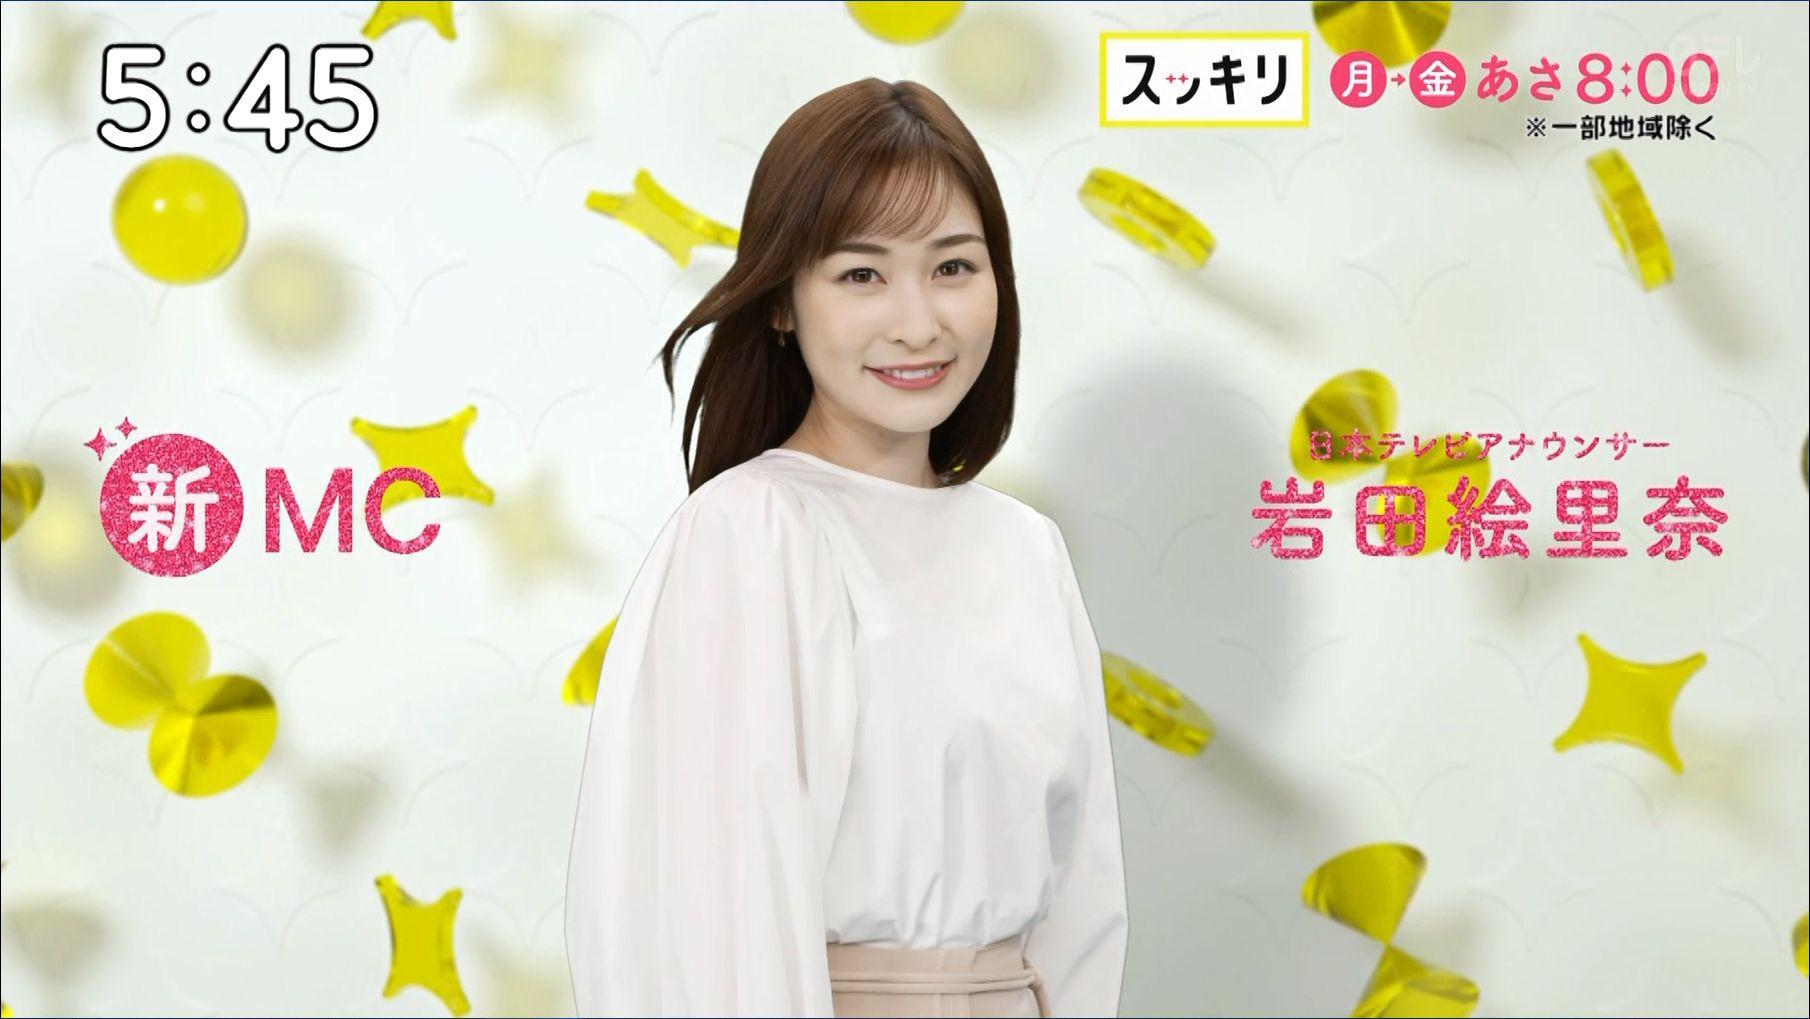 岩田絵里奈 スッキリCM 21/03/24 : 女子アナキャプでも貼っておく ~Fabulous Notion~